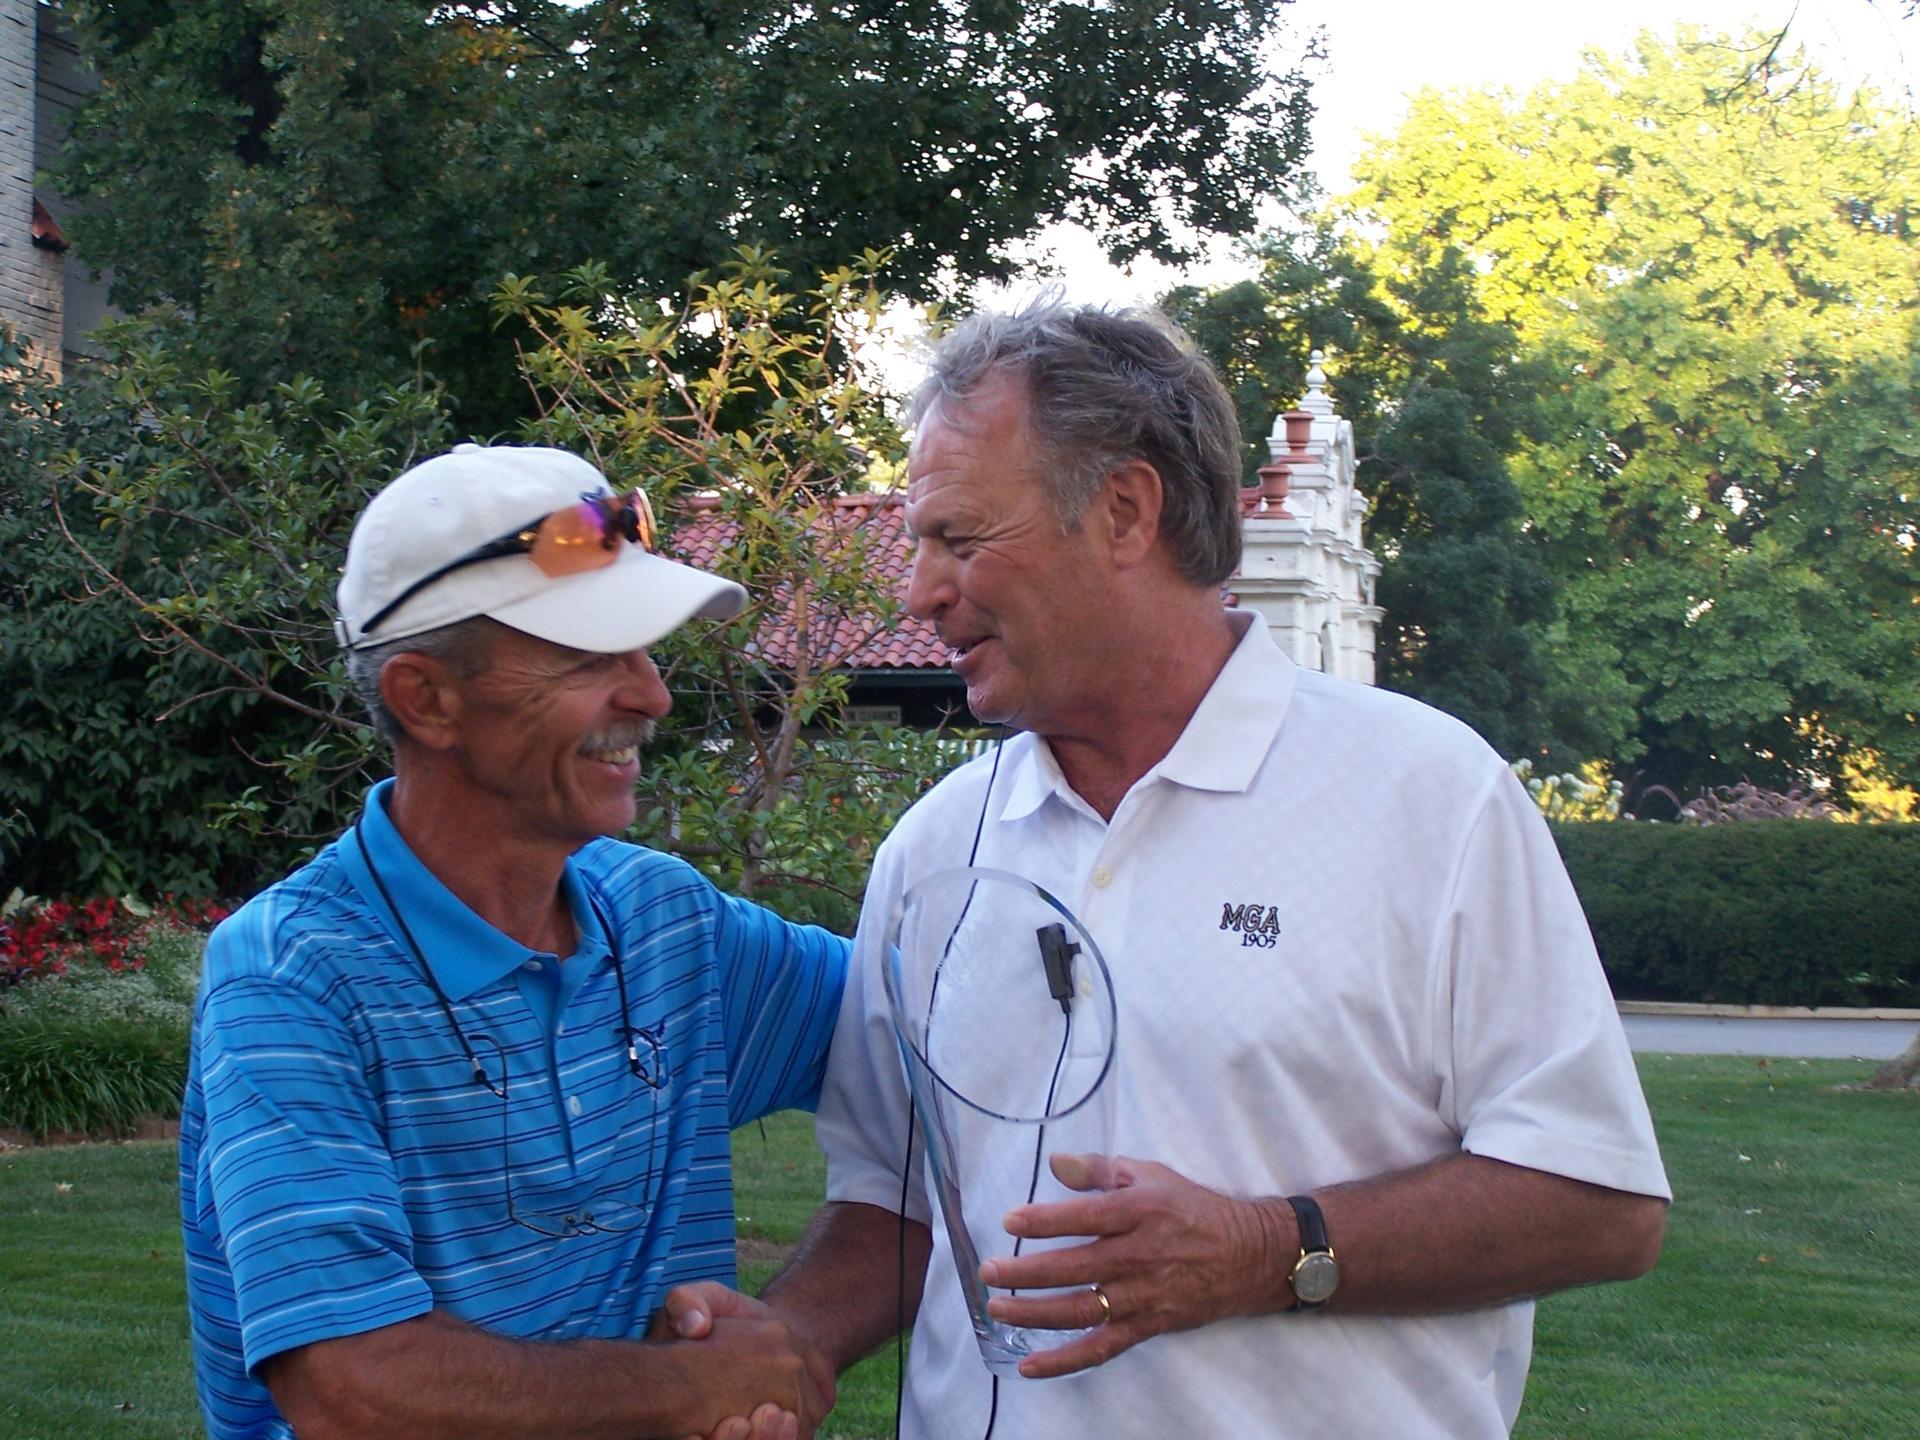 from Callum senior amateur golf tournaments